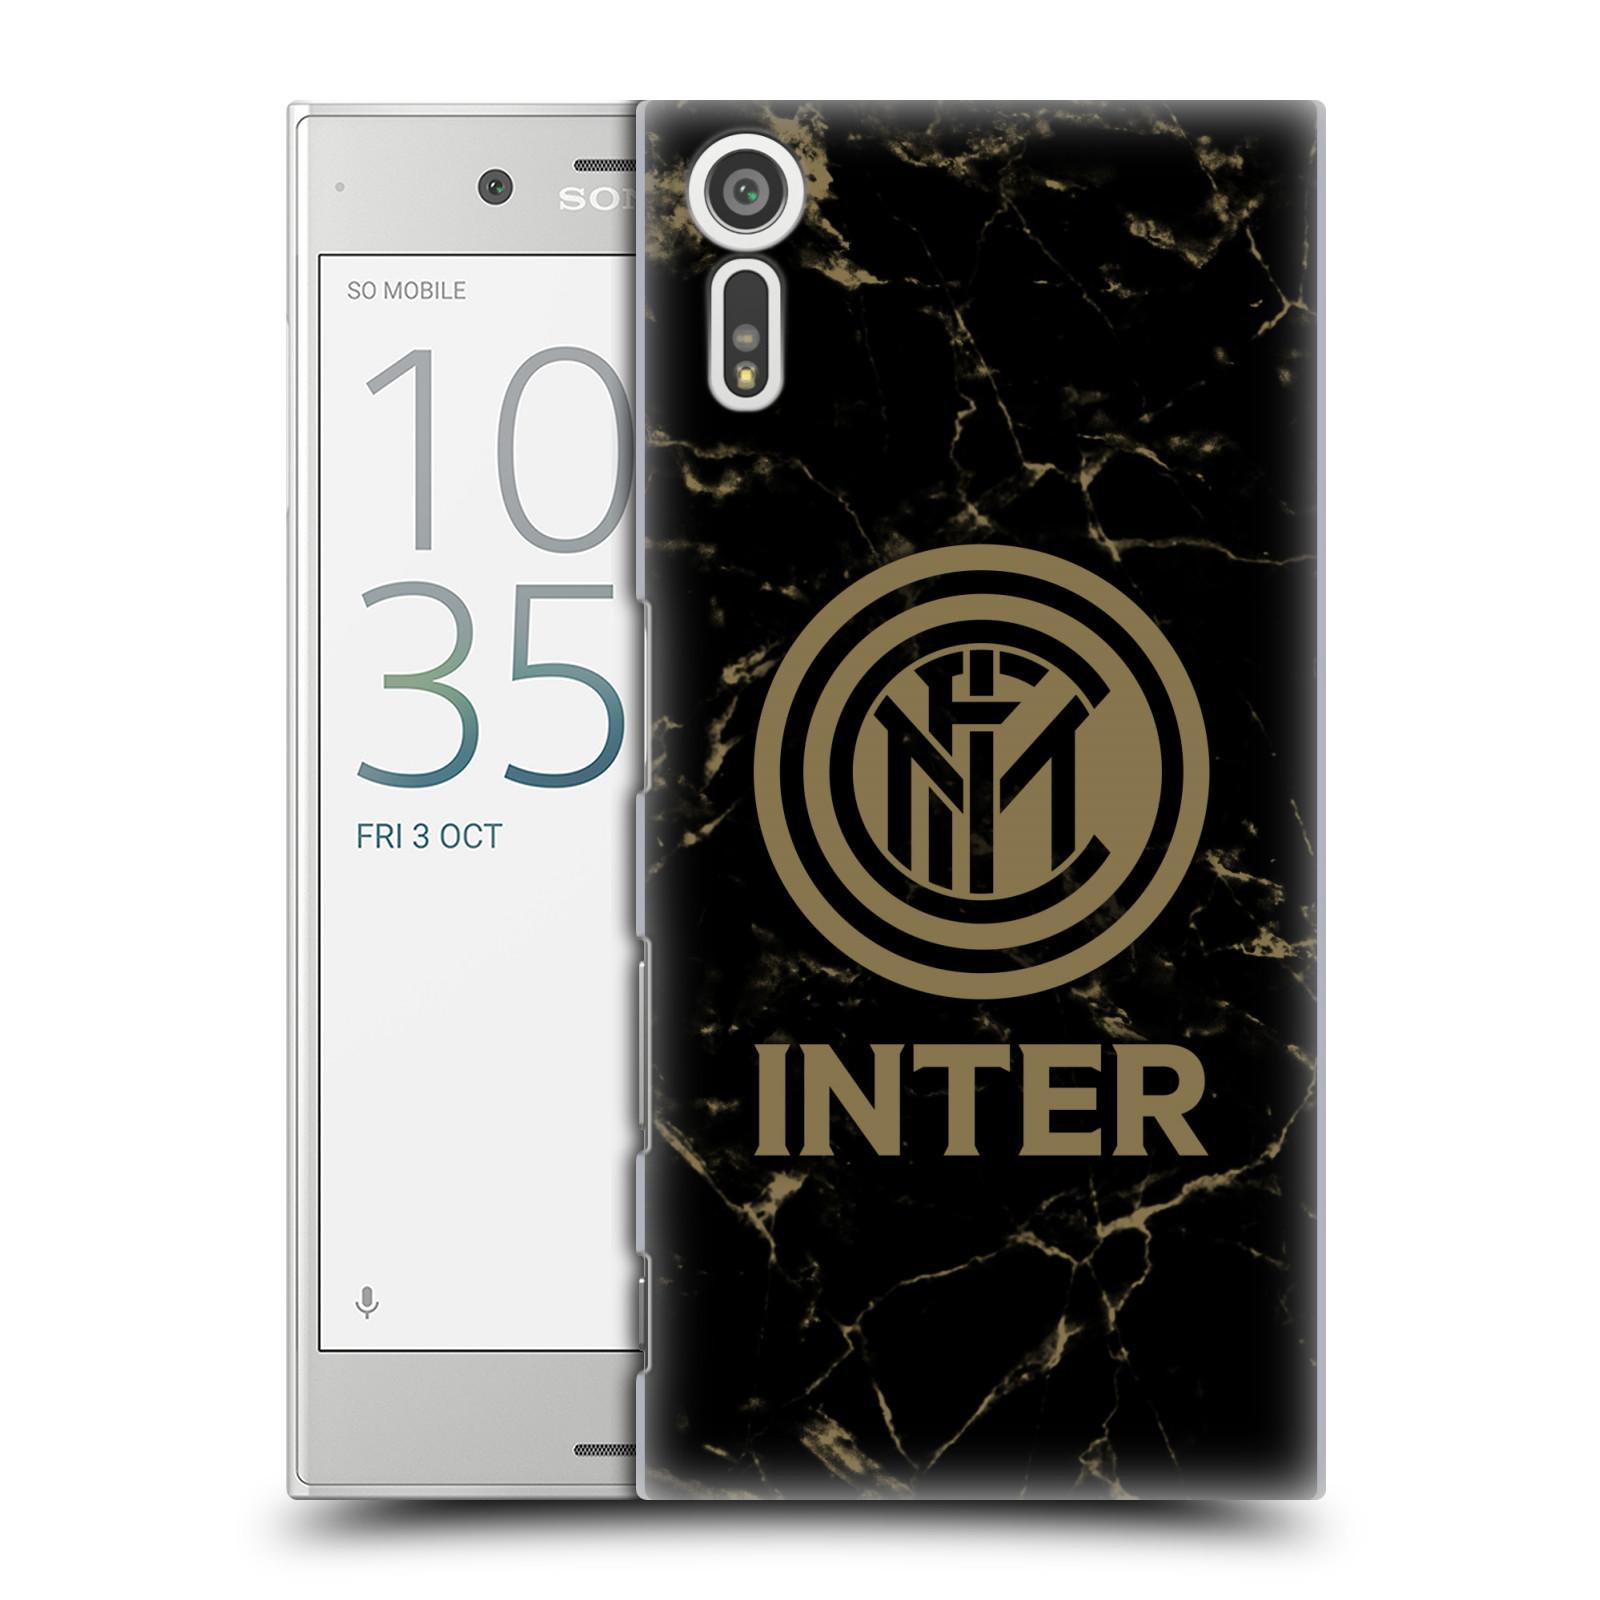 Plastové pouzdro na mobil Sony Xperia XZ - Head Case - Inter Milan - Mramorové logo (Plastový kryt či obal na mobilní telefon s oficiálním licencovaným motivem Inter Milan - Mramorové logo pro Sony Xperia XZ F8331 / Sony Xperia XZ Dual F8332)